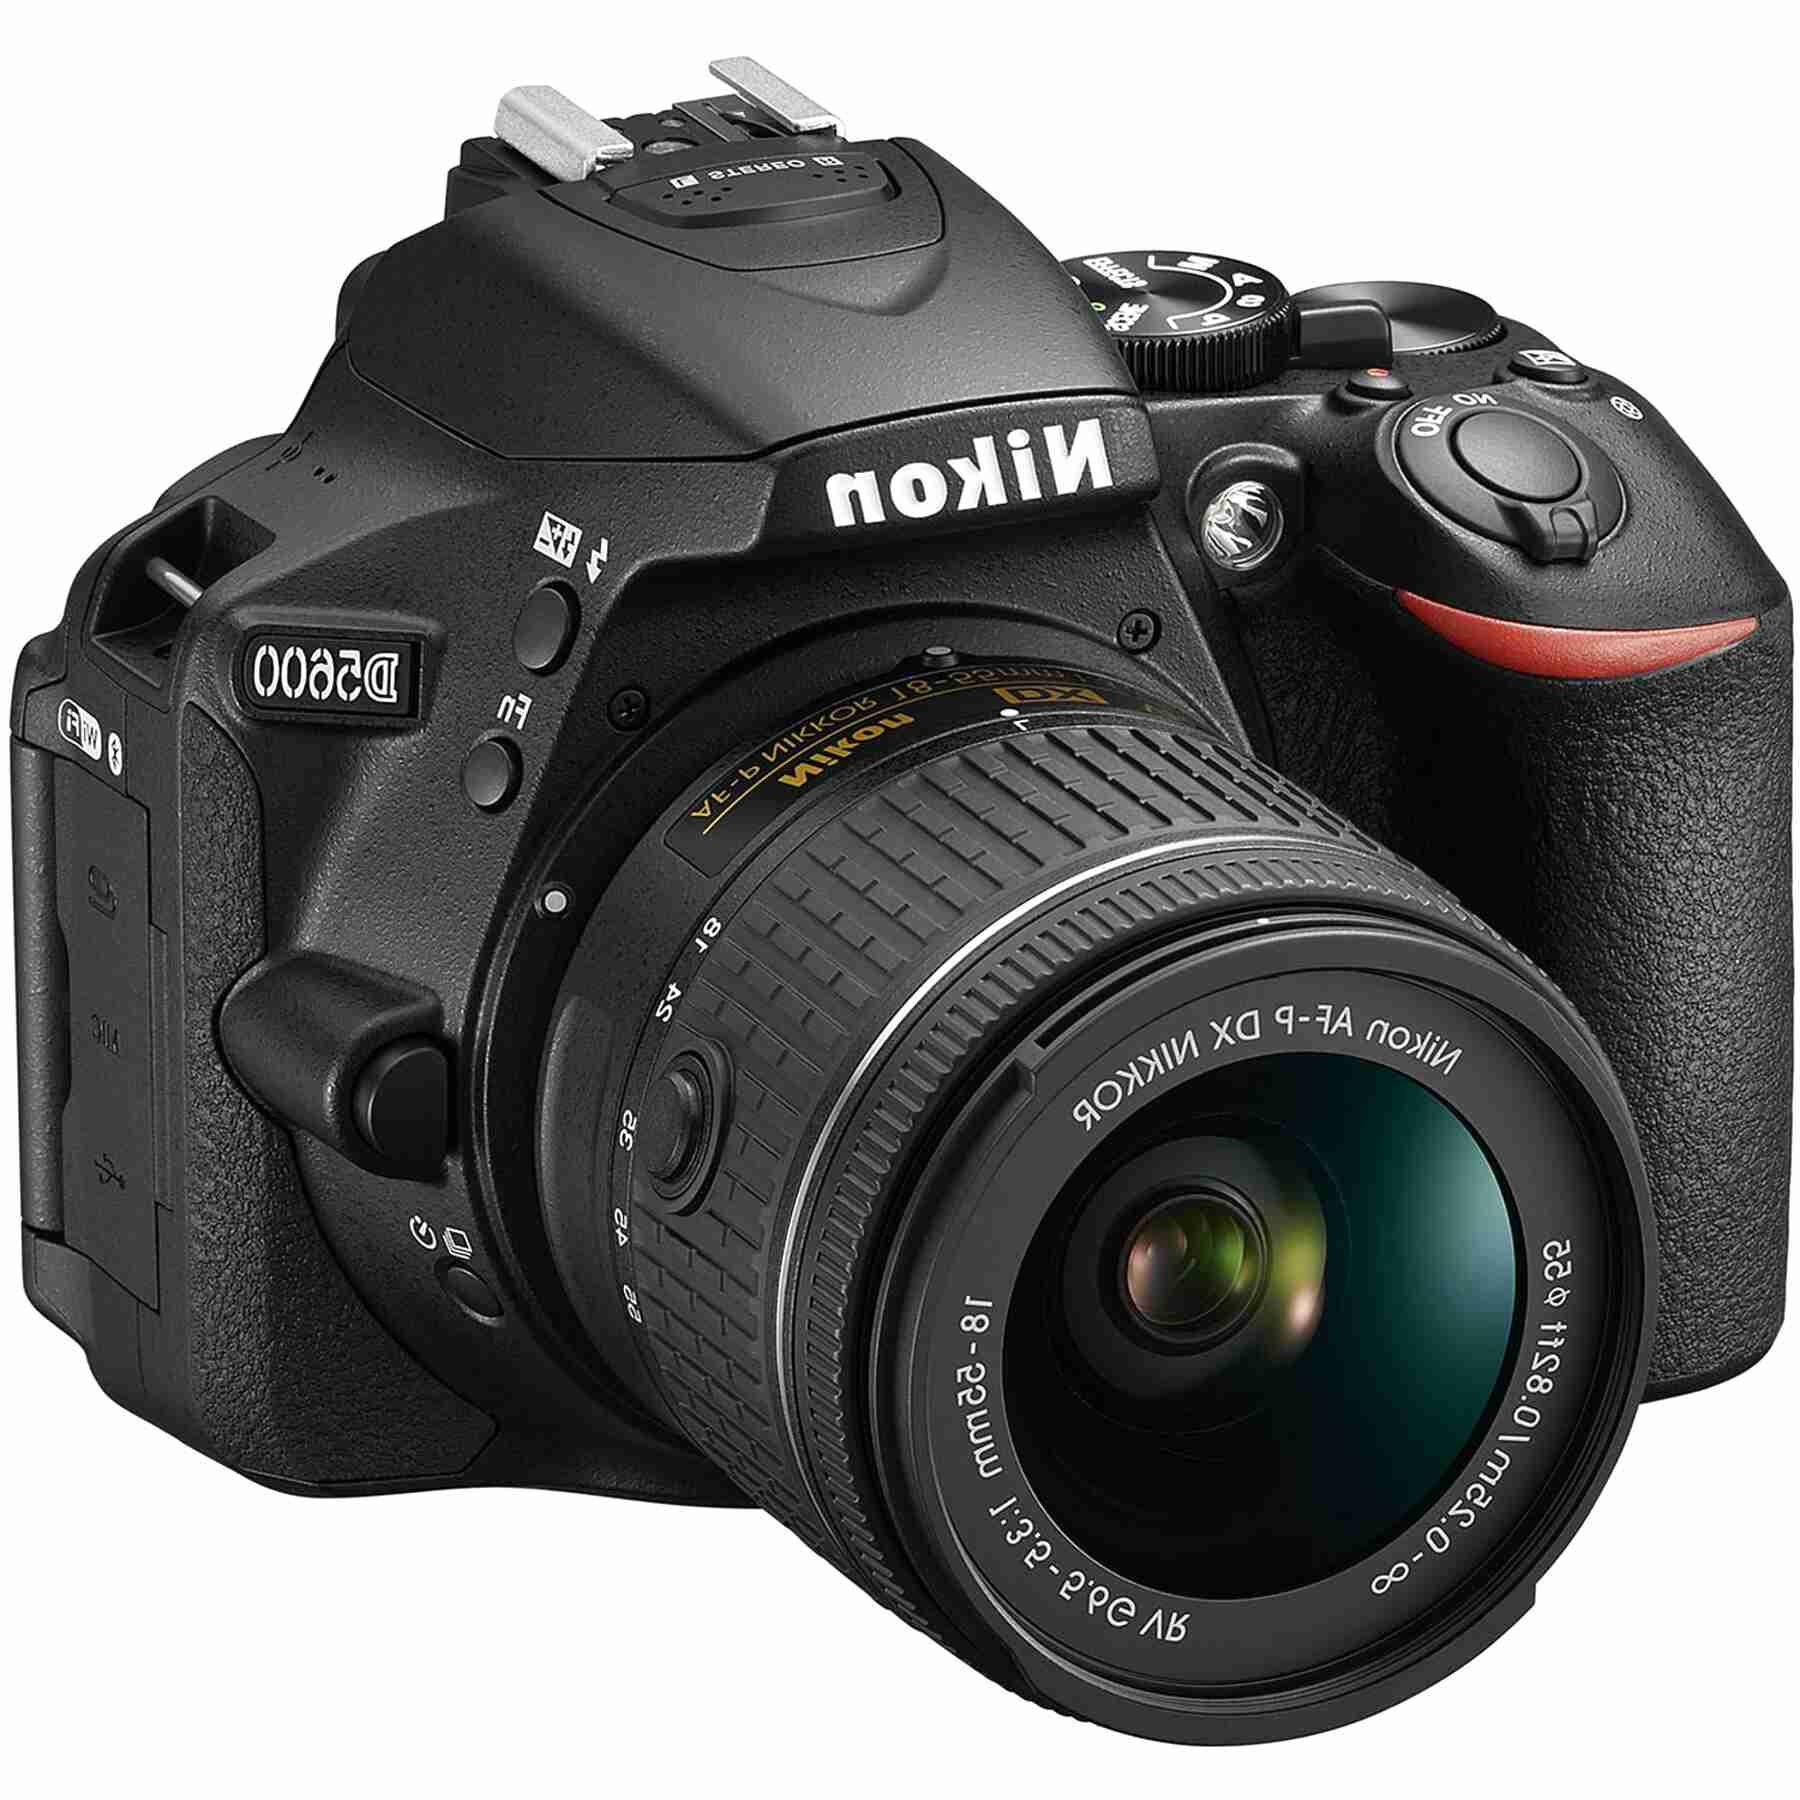 dslr camera for sale